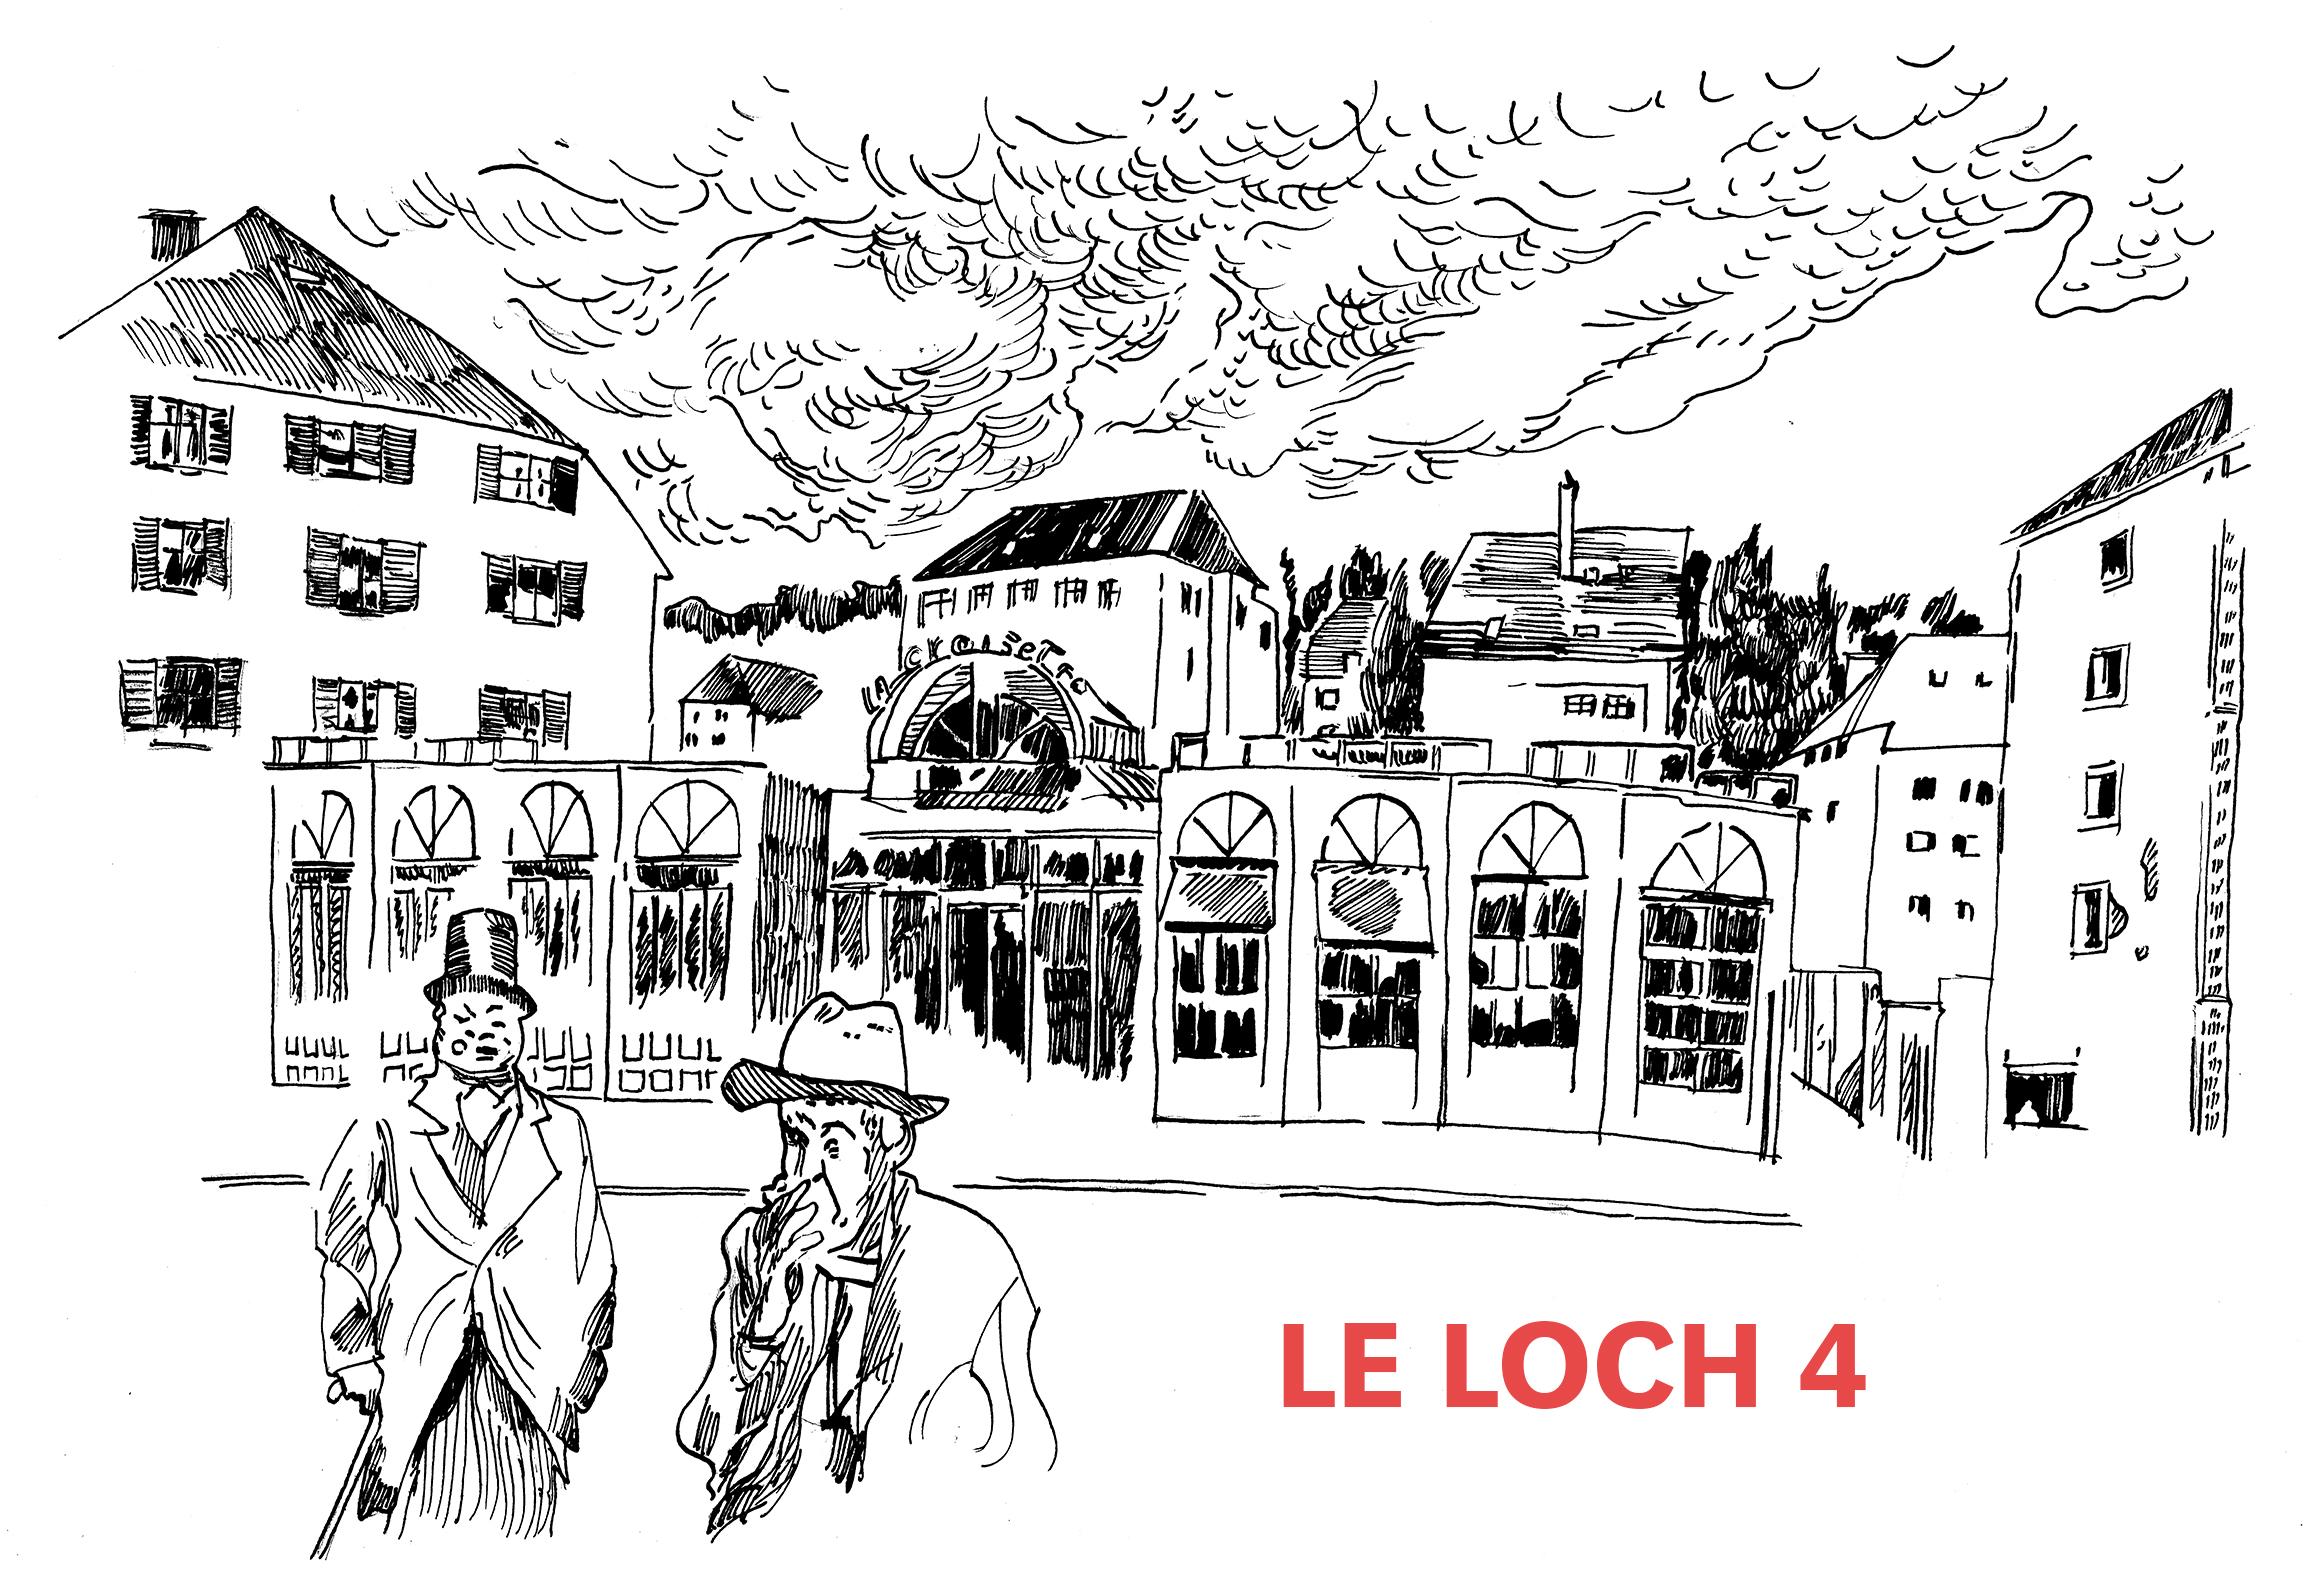 le loch_4